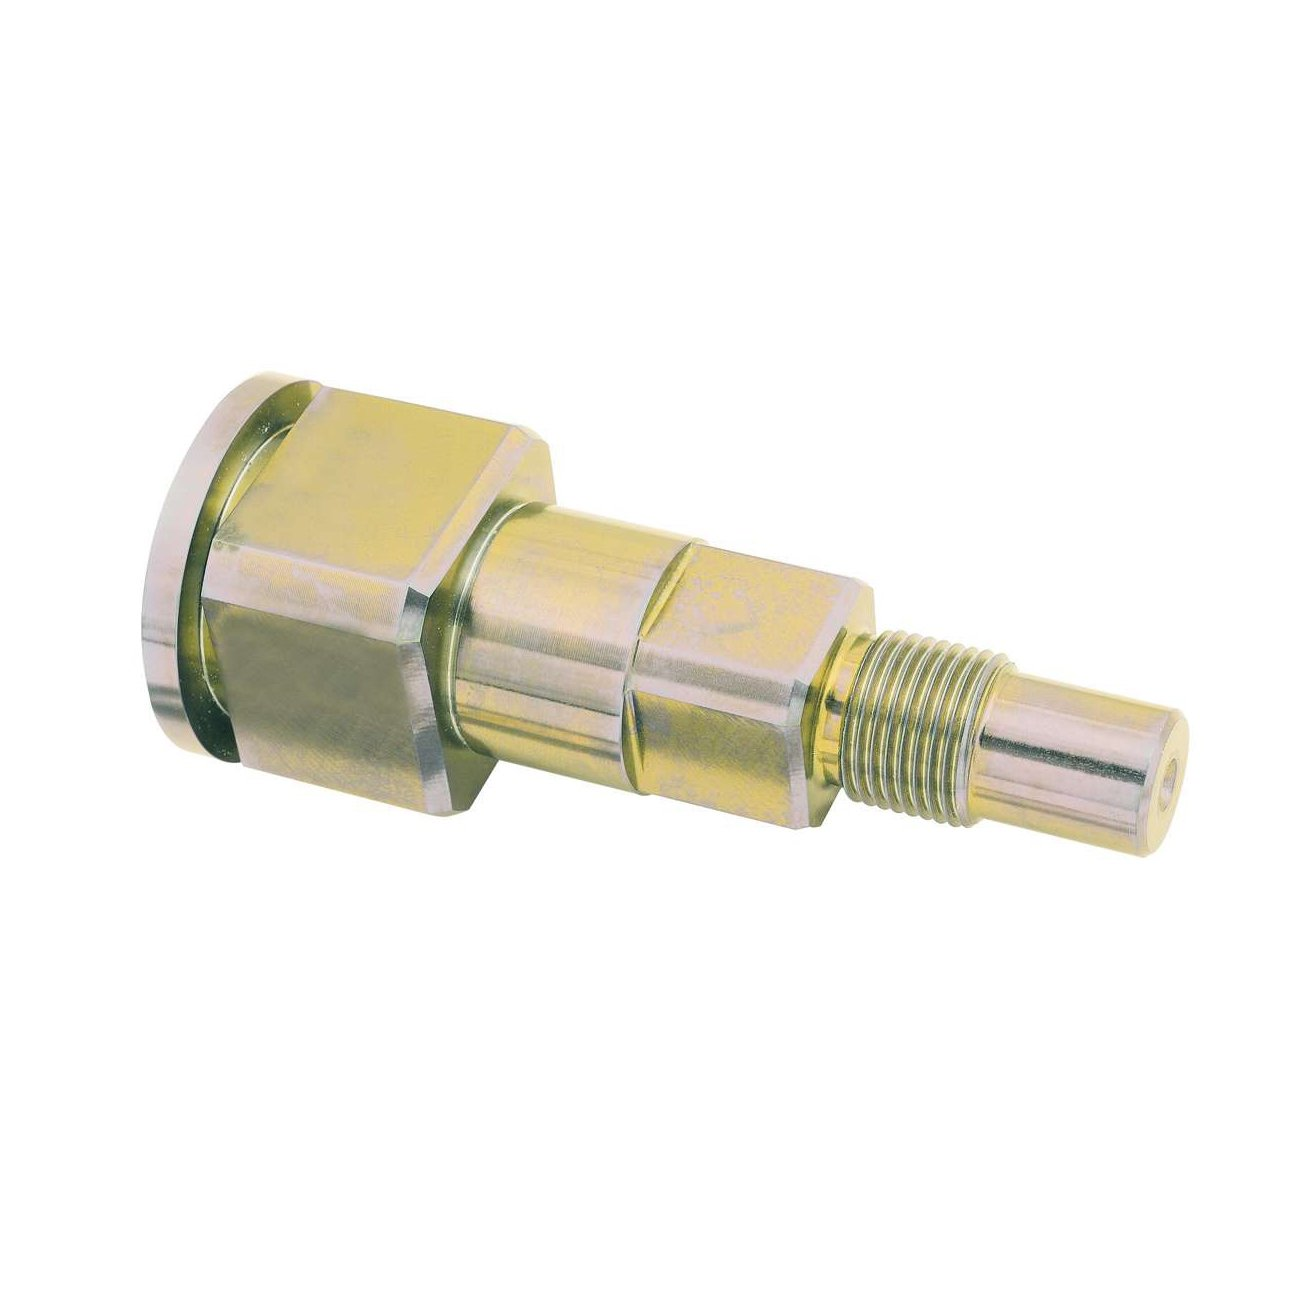 Sierra 18-73131 Upper Swivel Gimbal Ring Shaft